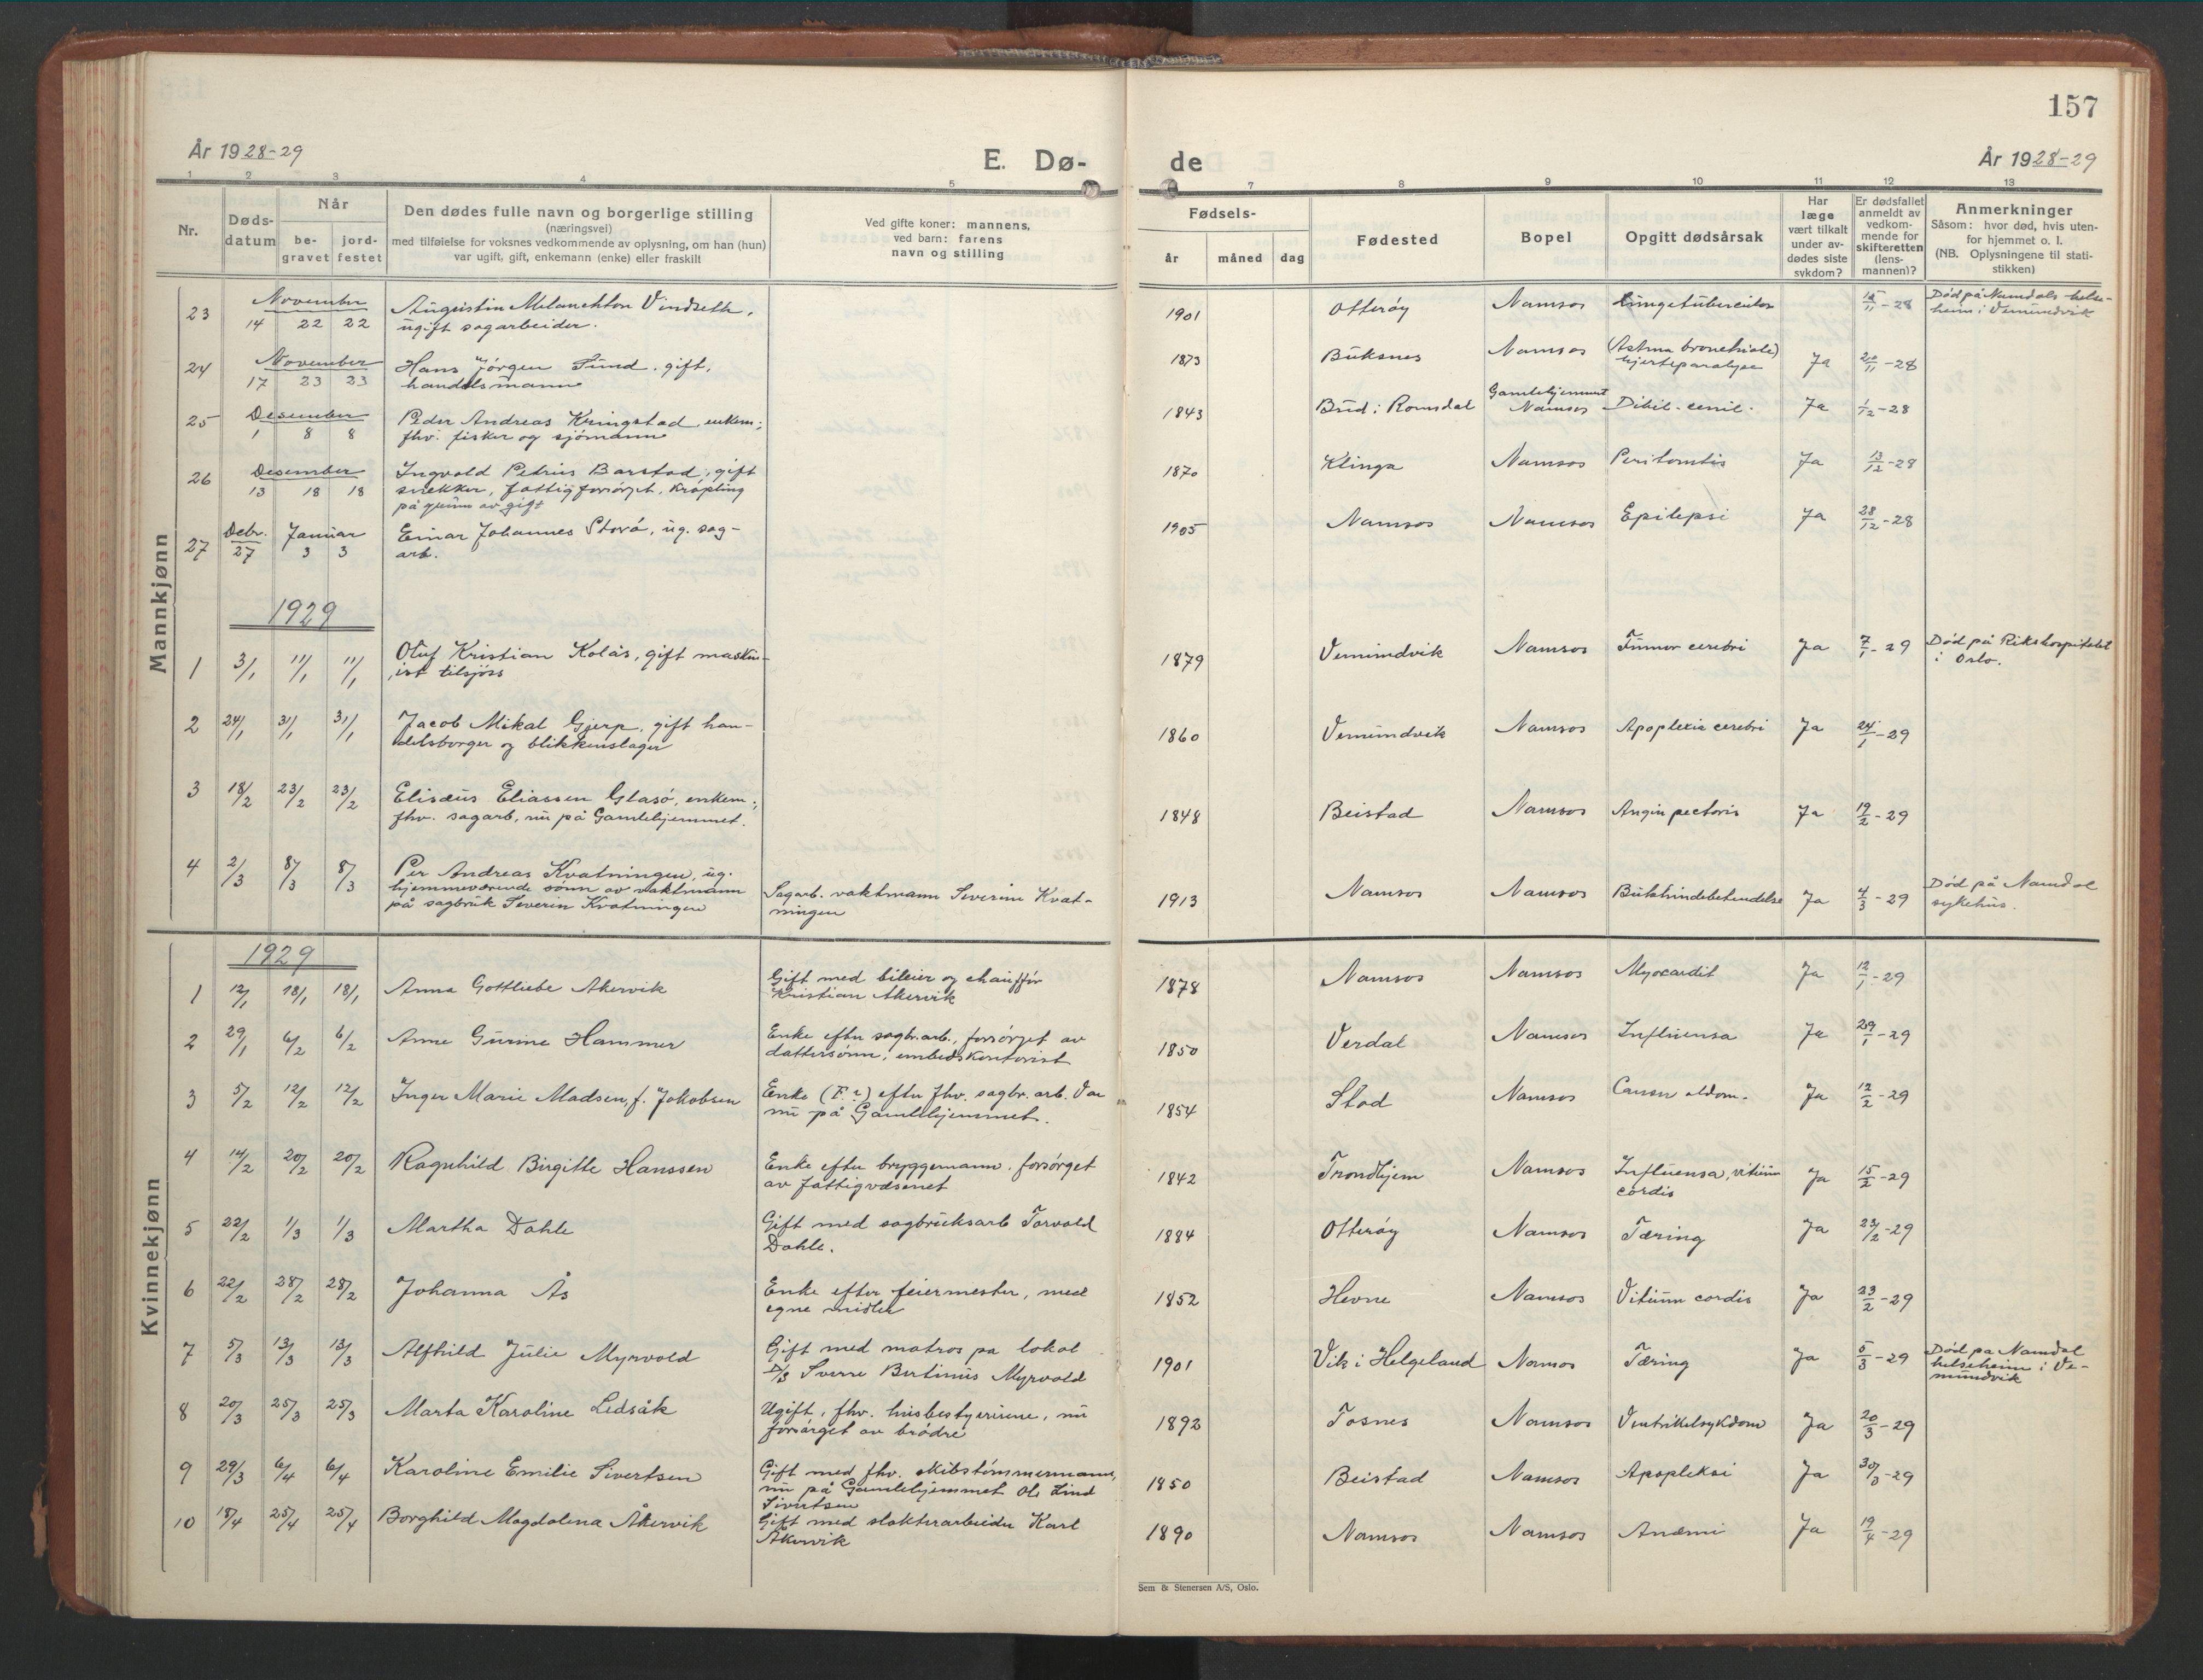 SAT, Ministerialprotokoller, klokkerbøker og fødselsregistre - Nord-Trøndelag, 768/L0583: Klokkerbok nr. 768C01, 1928-1953, s. 157